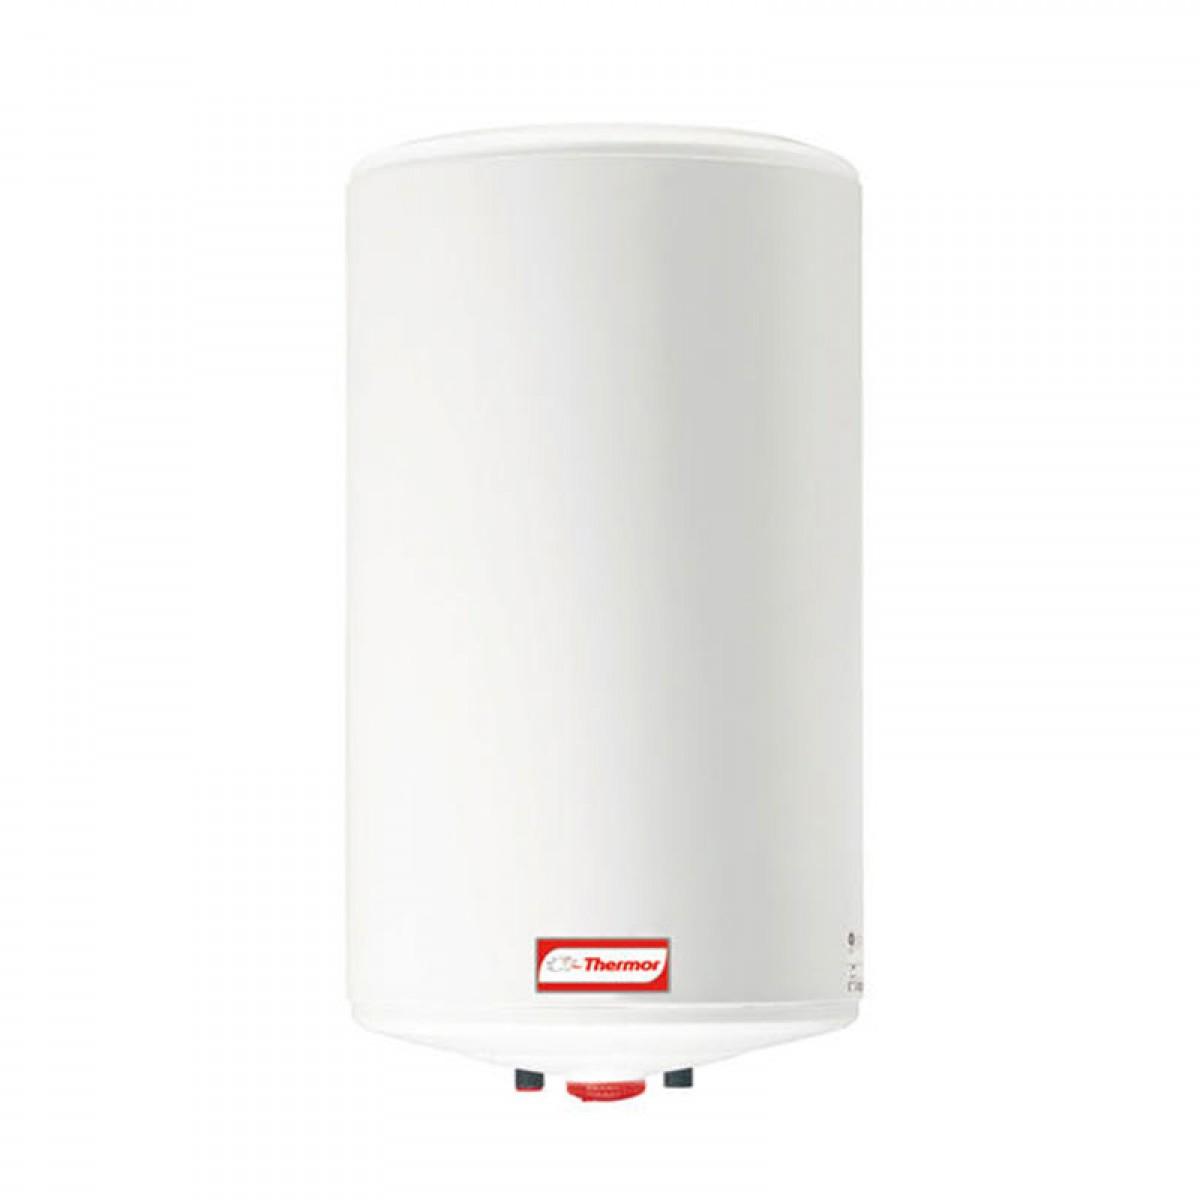 Chauffe eau électrique Thermor 15L sur evier compact ref221079